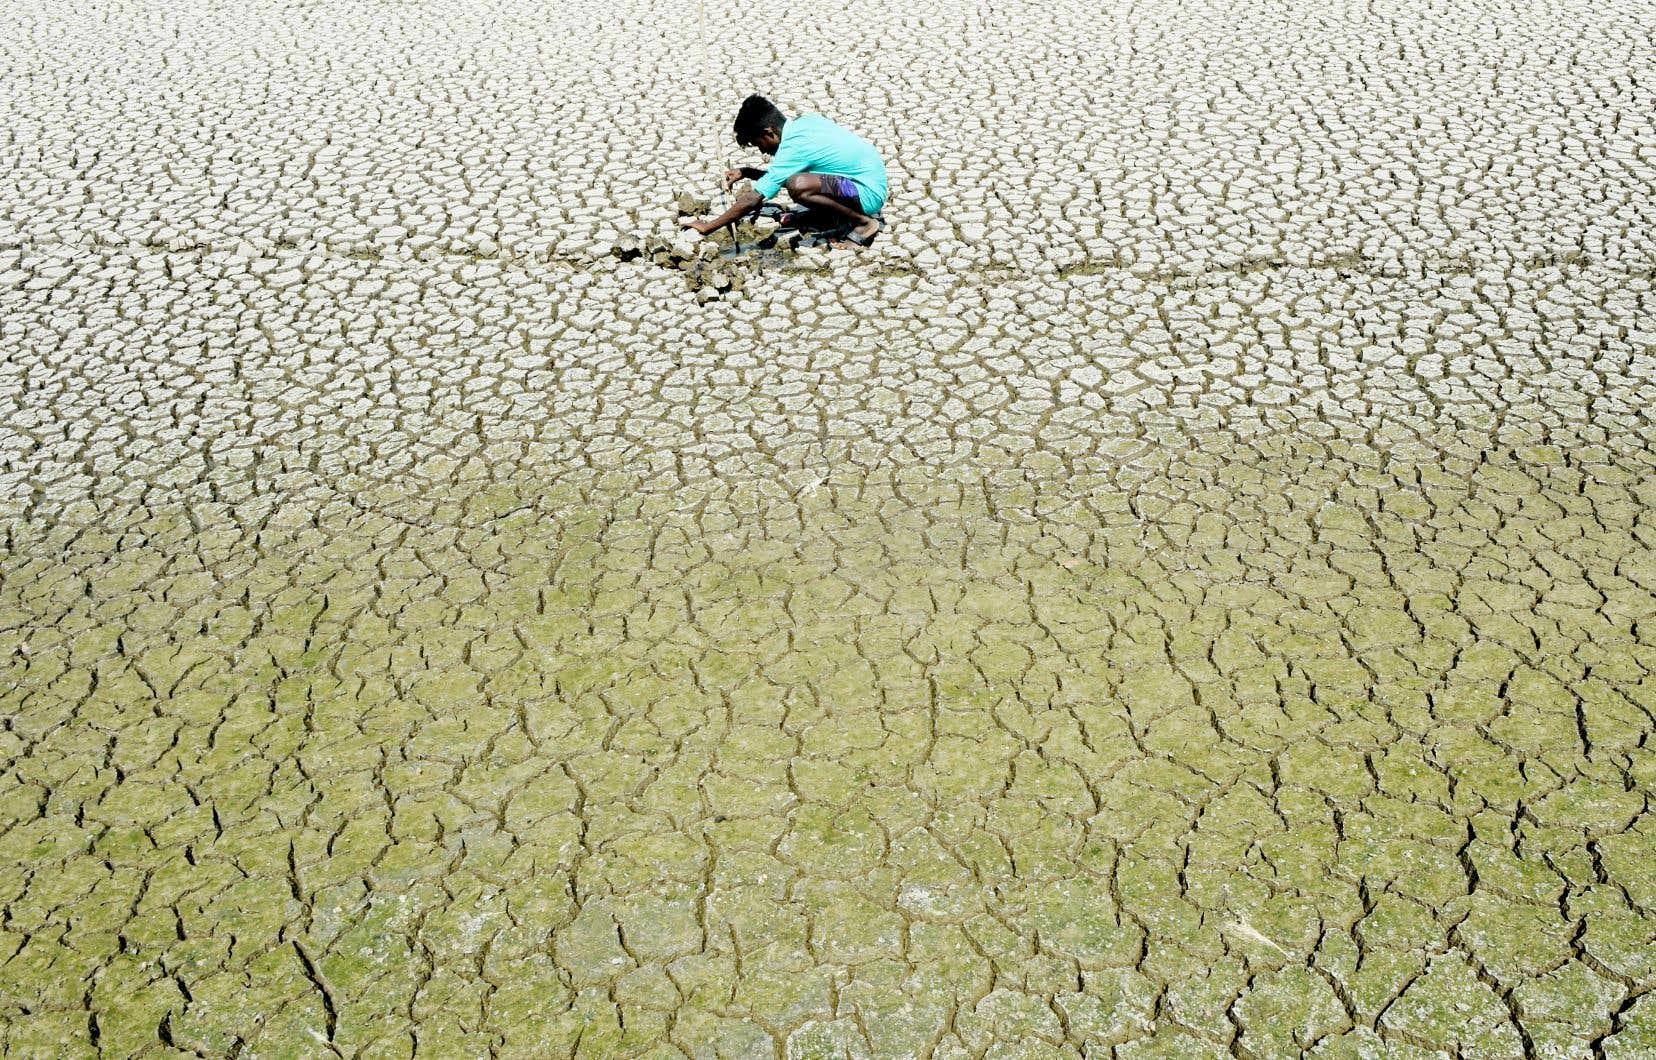 Le lac Chembarambakkam, en Inde, était asséché à près de 99% en avril dernier.